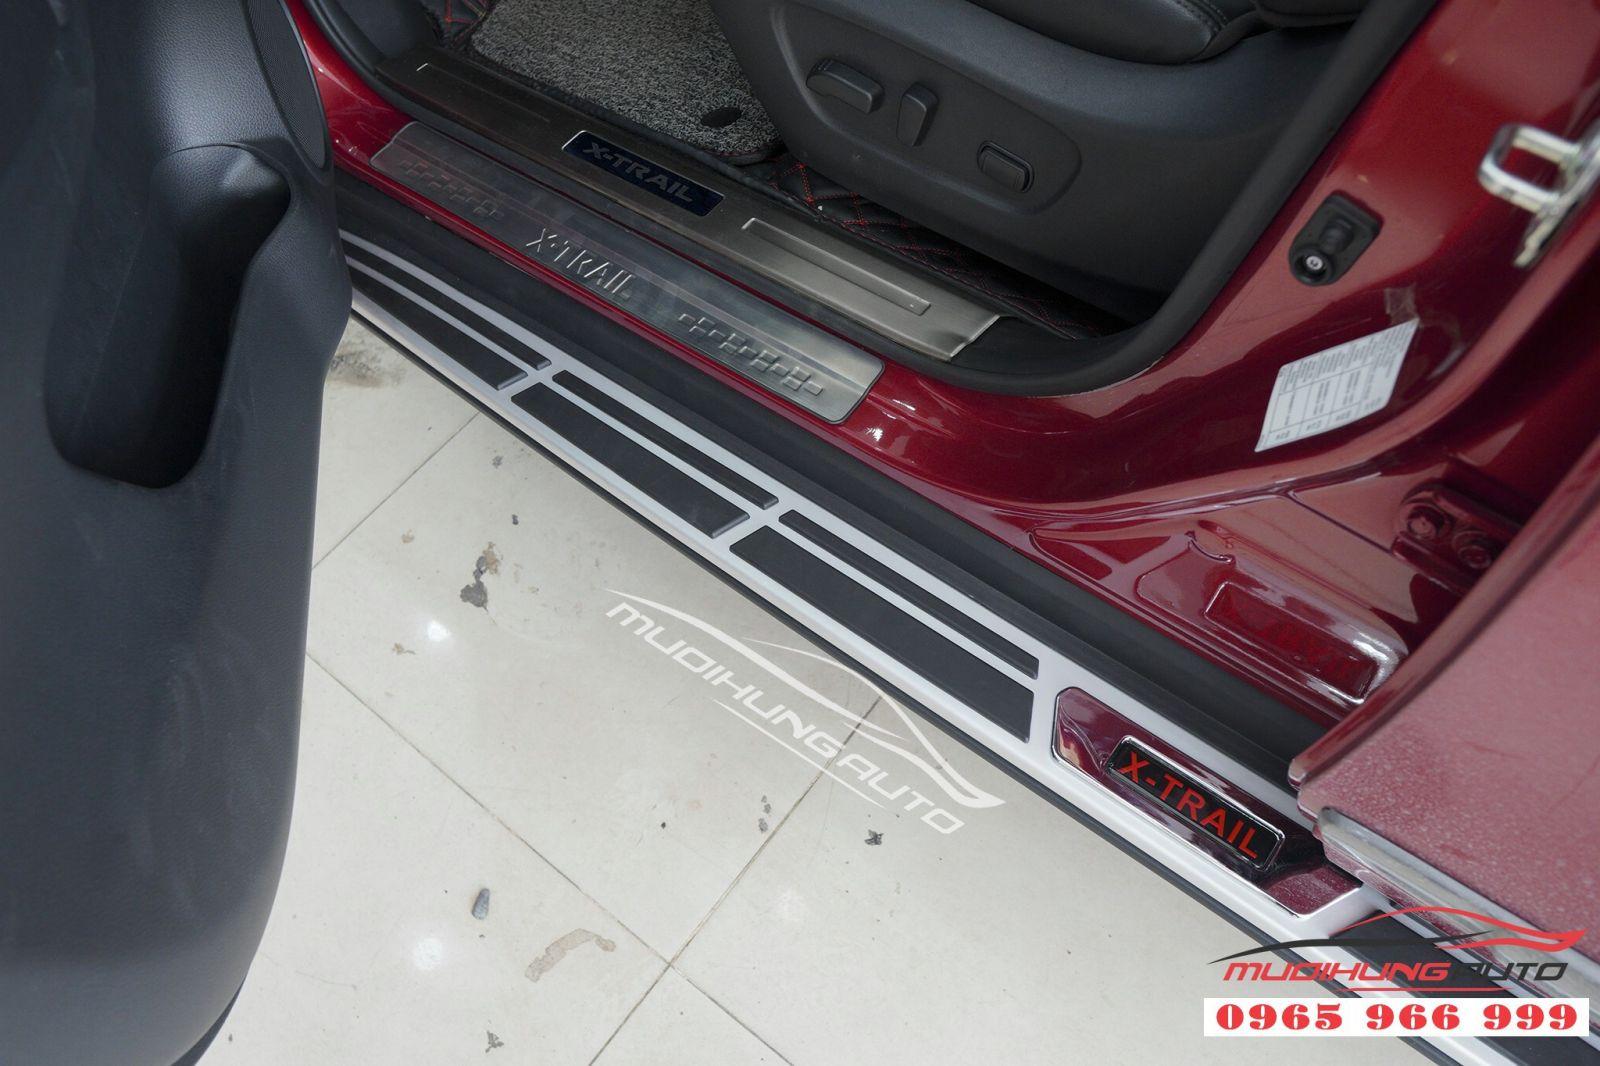 Lắp bệ bước chân chính hãng cho Nissan X-trail 05